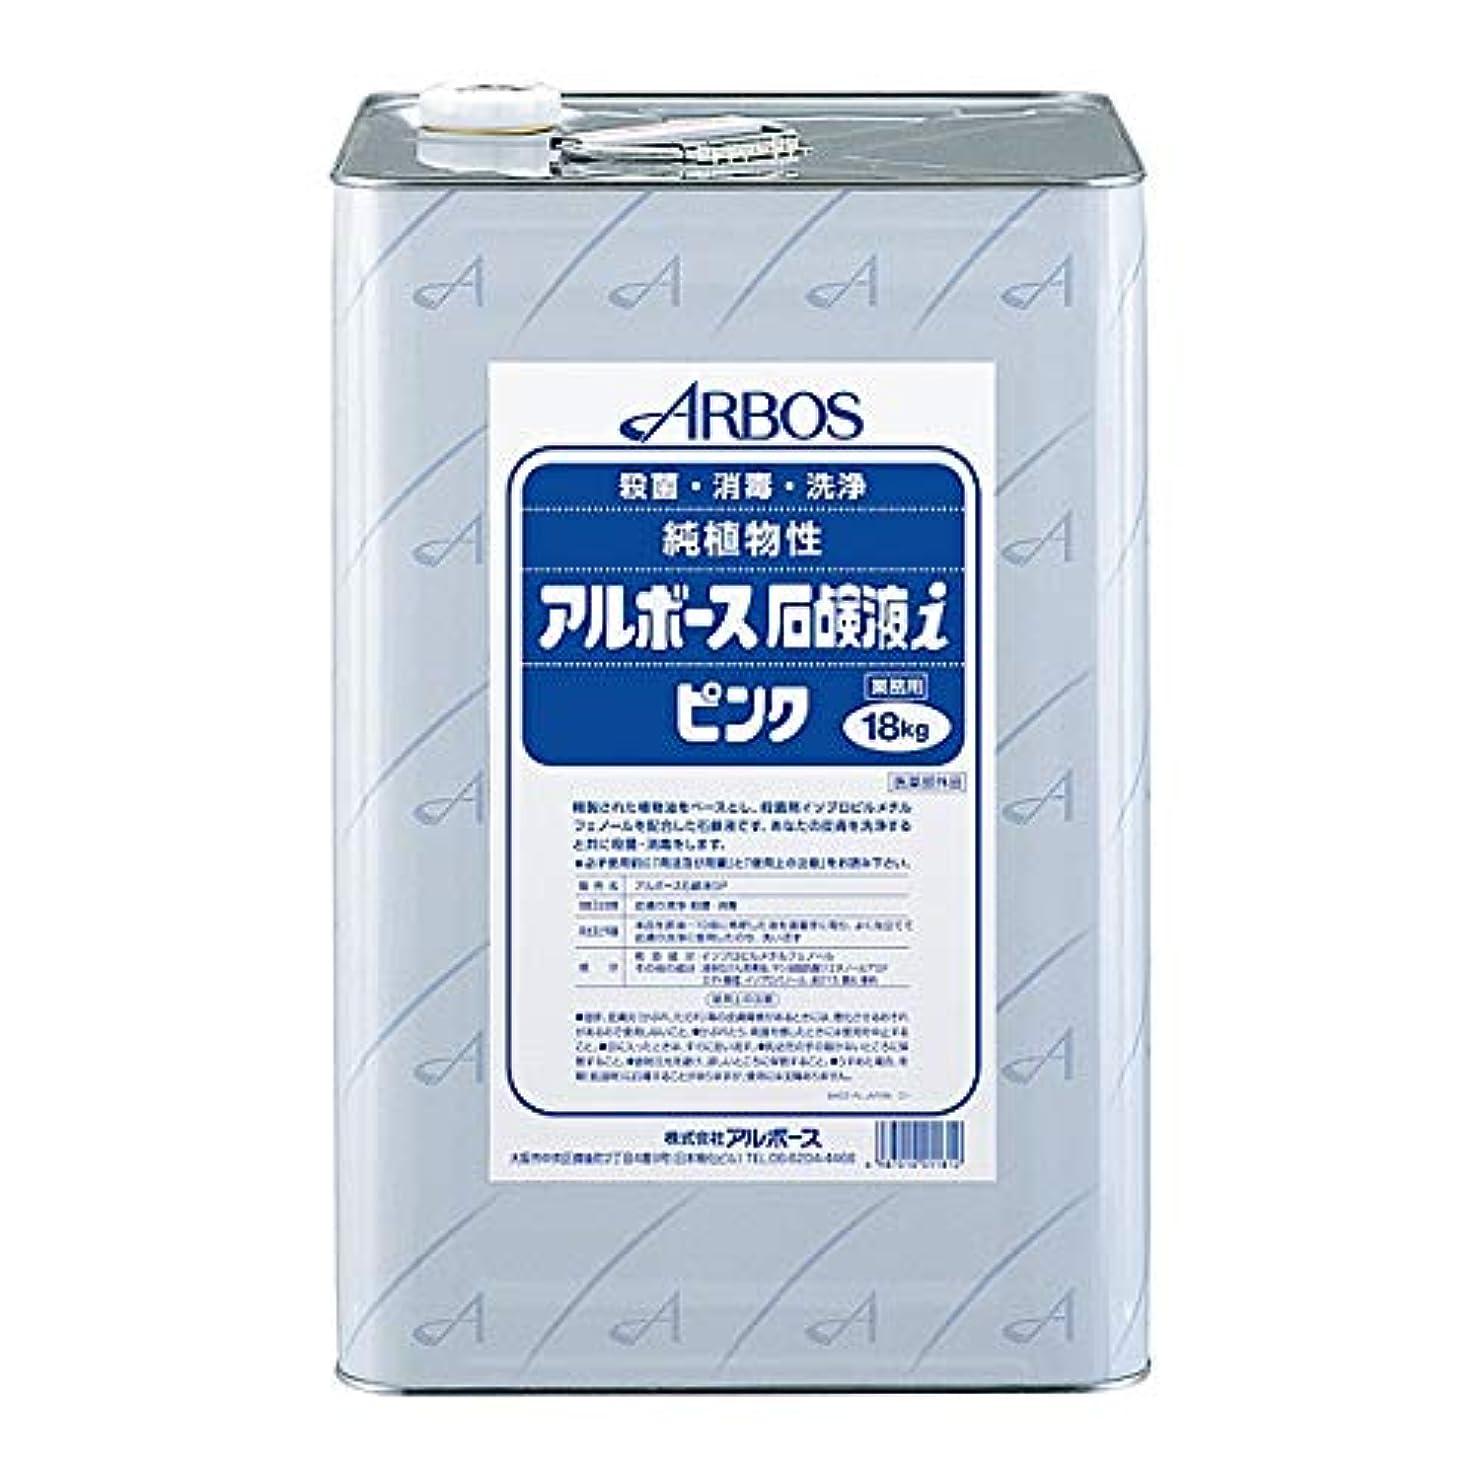 消毒剤リダクターペインギリック【清潔キレイ館】アルボース石鹸液i ピンク(18L)+つめブラシ1個 オマケ付